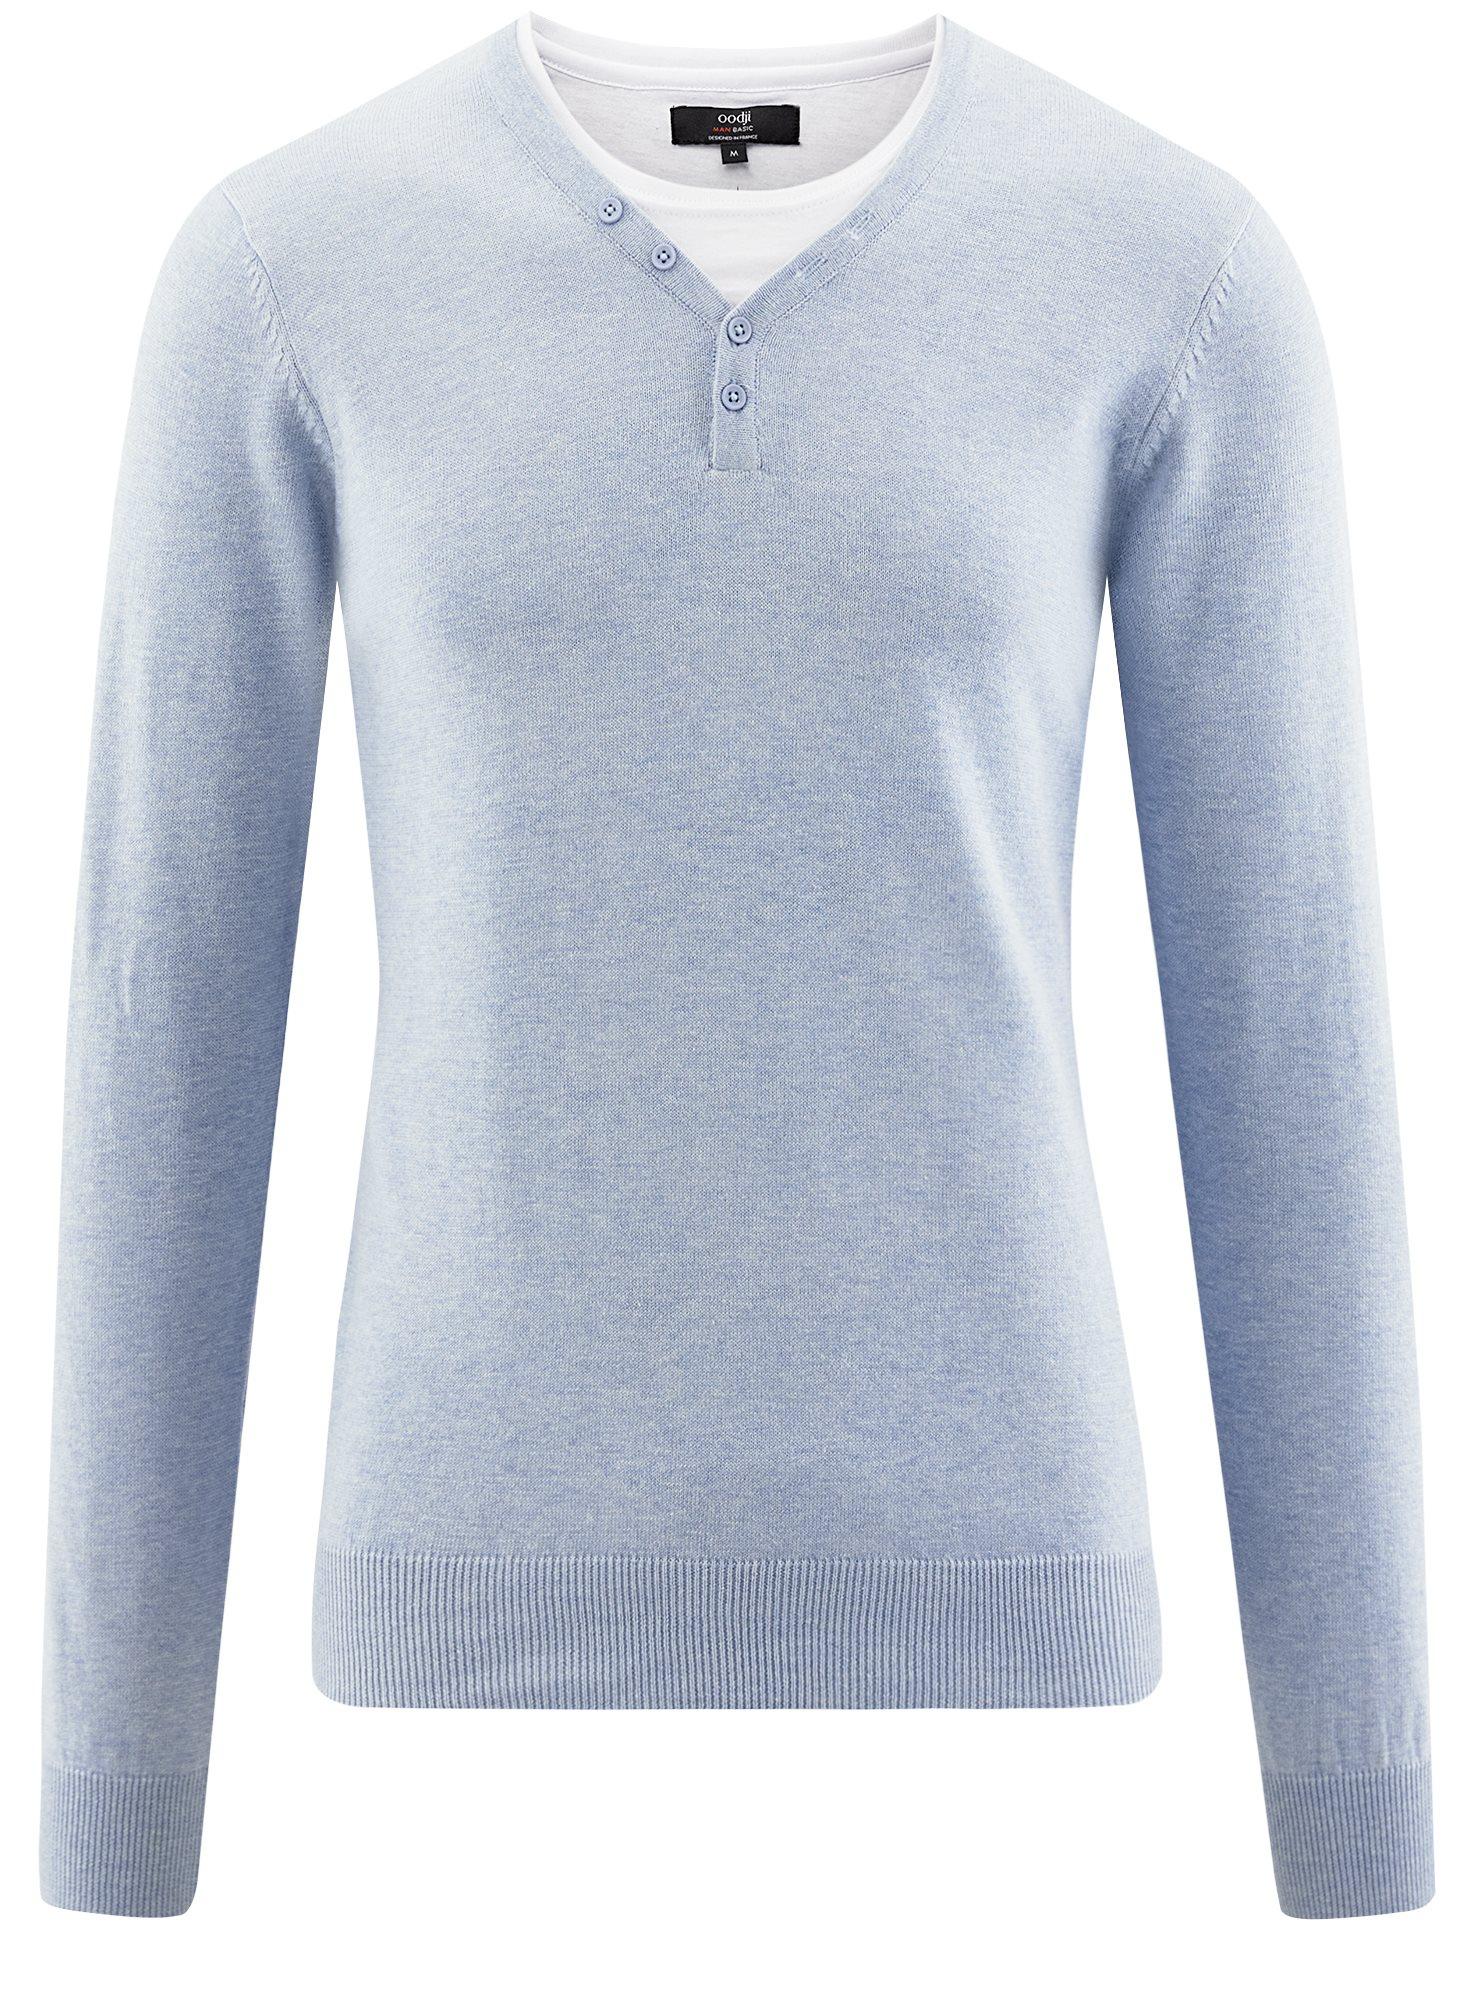 Пуловер с хлопковой вставкой на груди oodji для мужчины (синий), 4B212006M/39245N/7010B